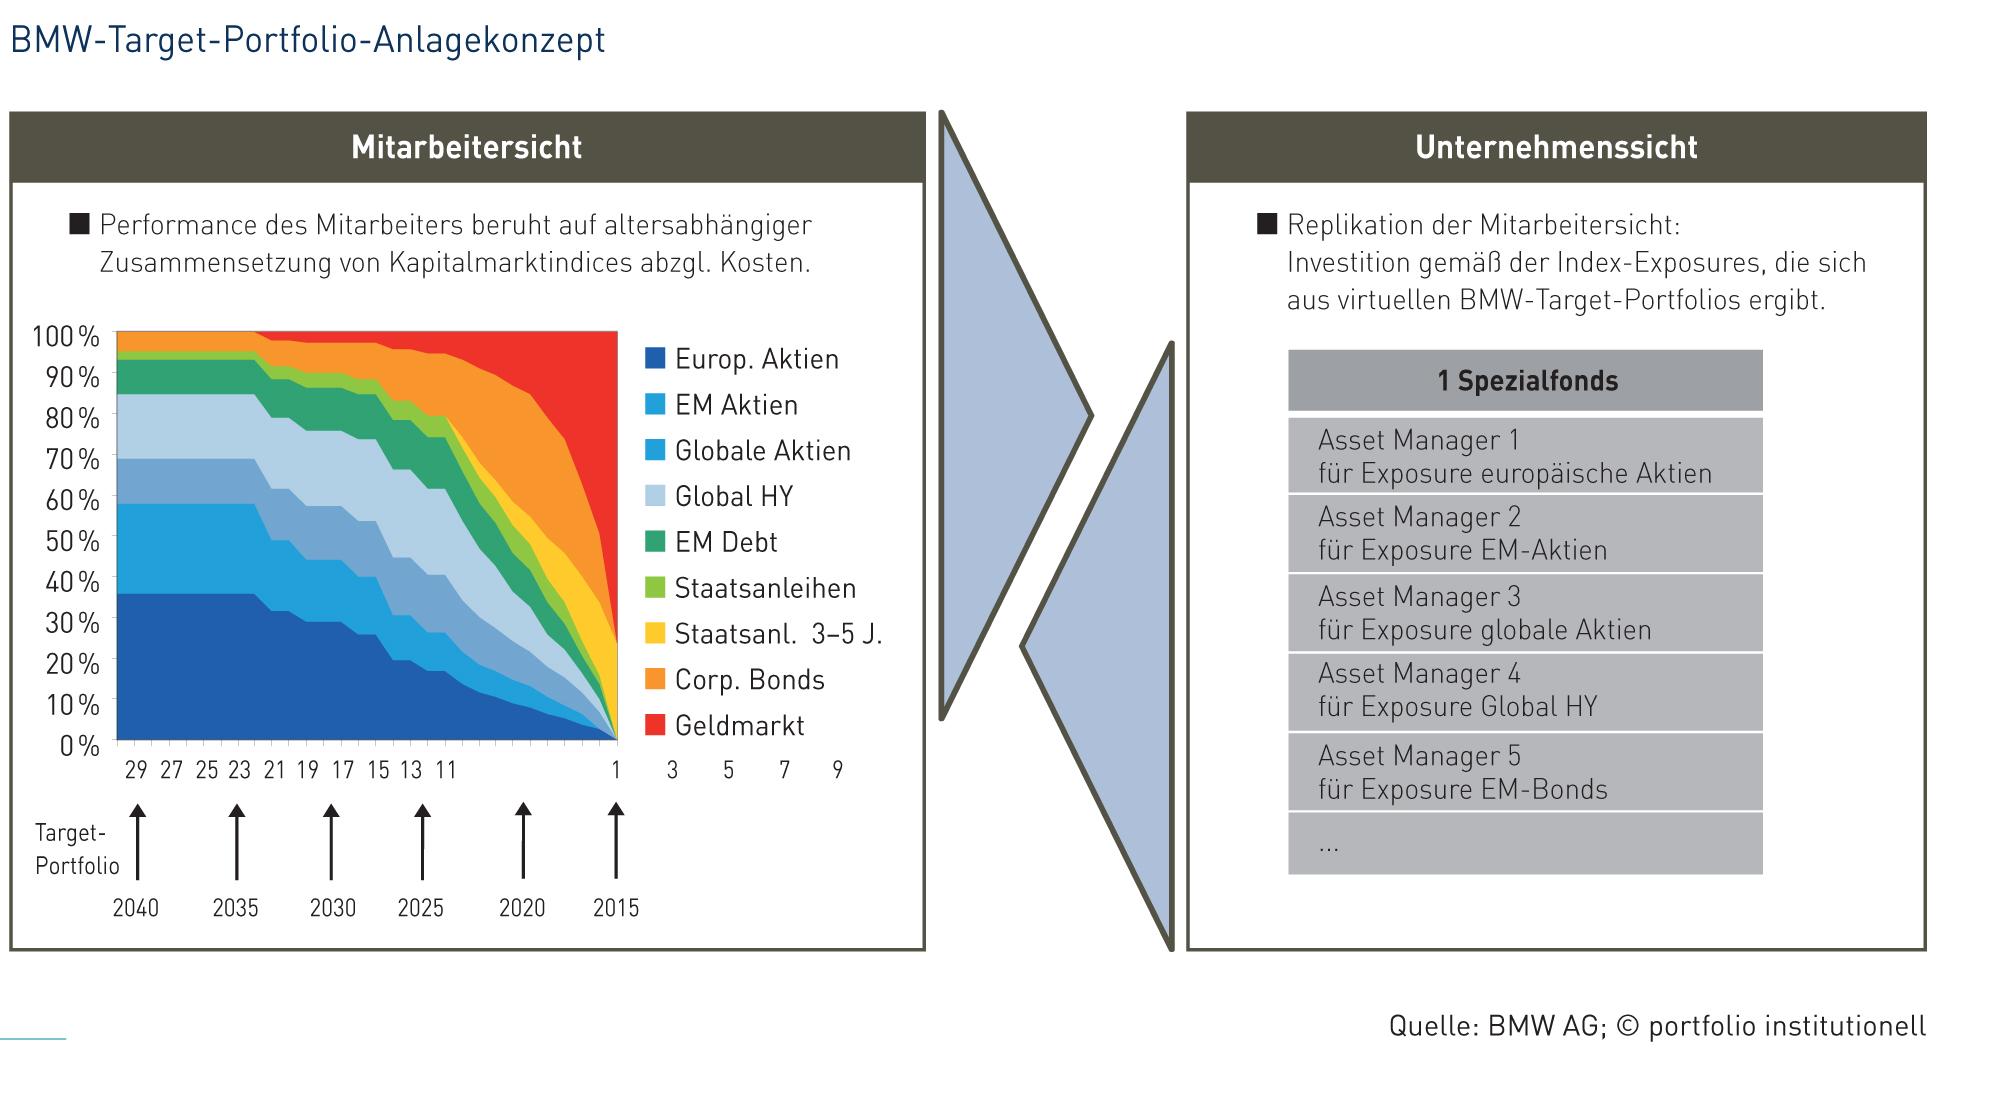 Das Target-Portfolio-Anlagekonzept von BMW